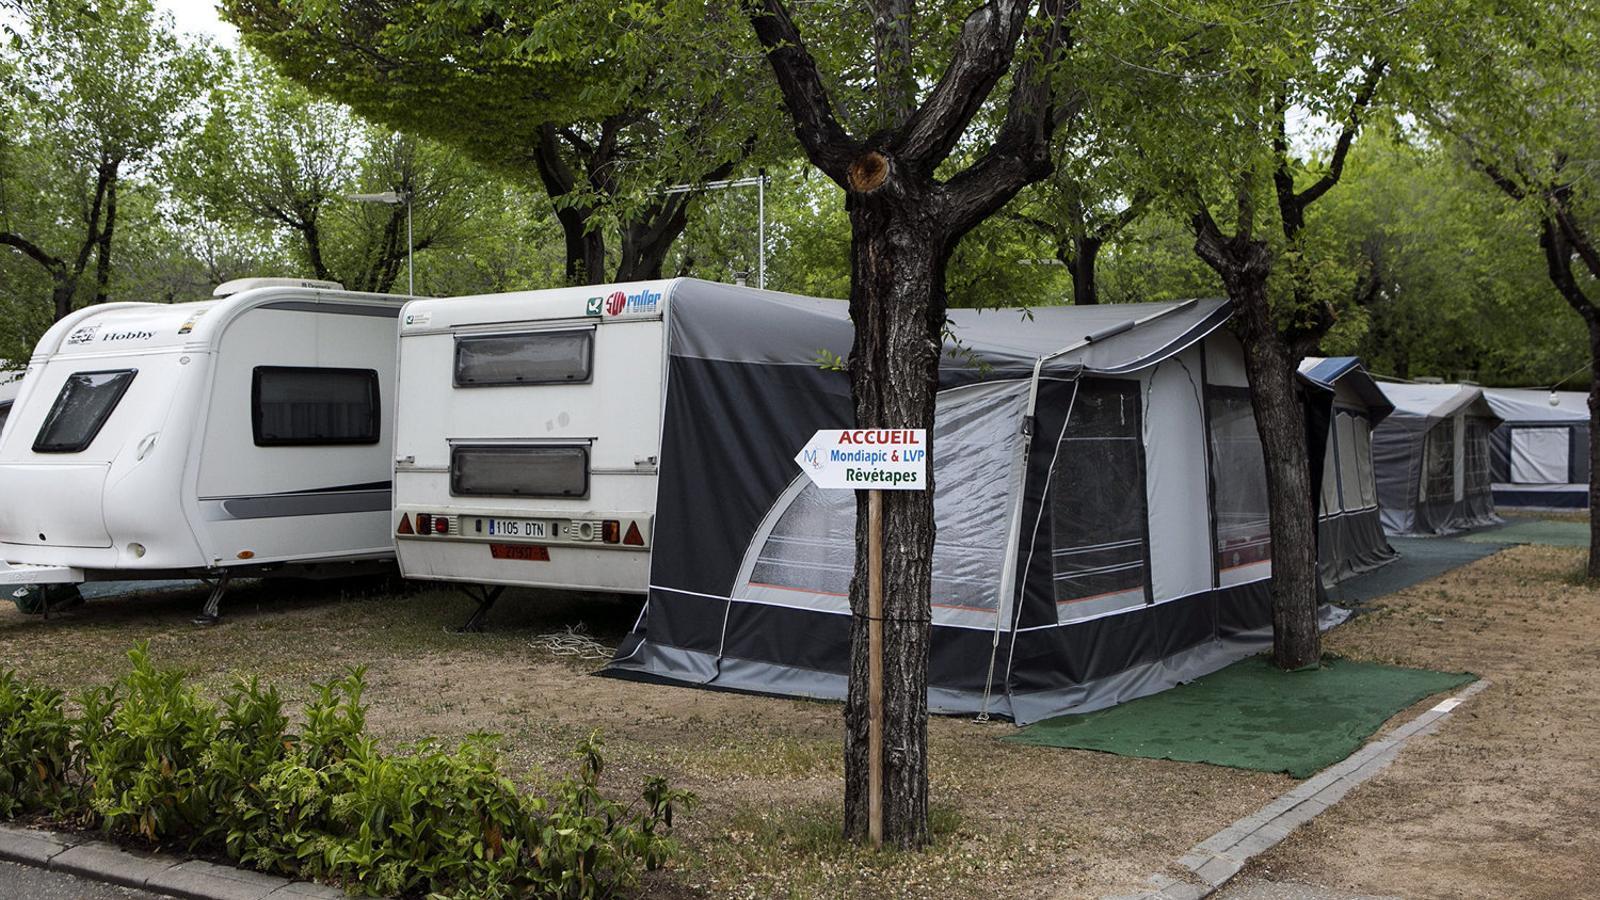 Les caravanes del càmping Bella Terra, a Blanes, un dels amenaçats per la nova ordenació urbanística. / CÈLIA ATSET